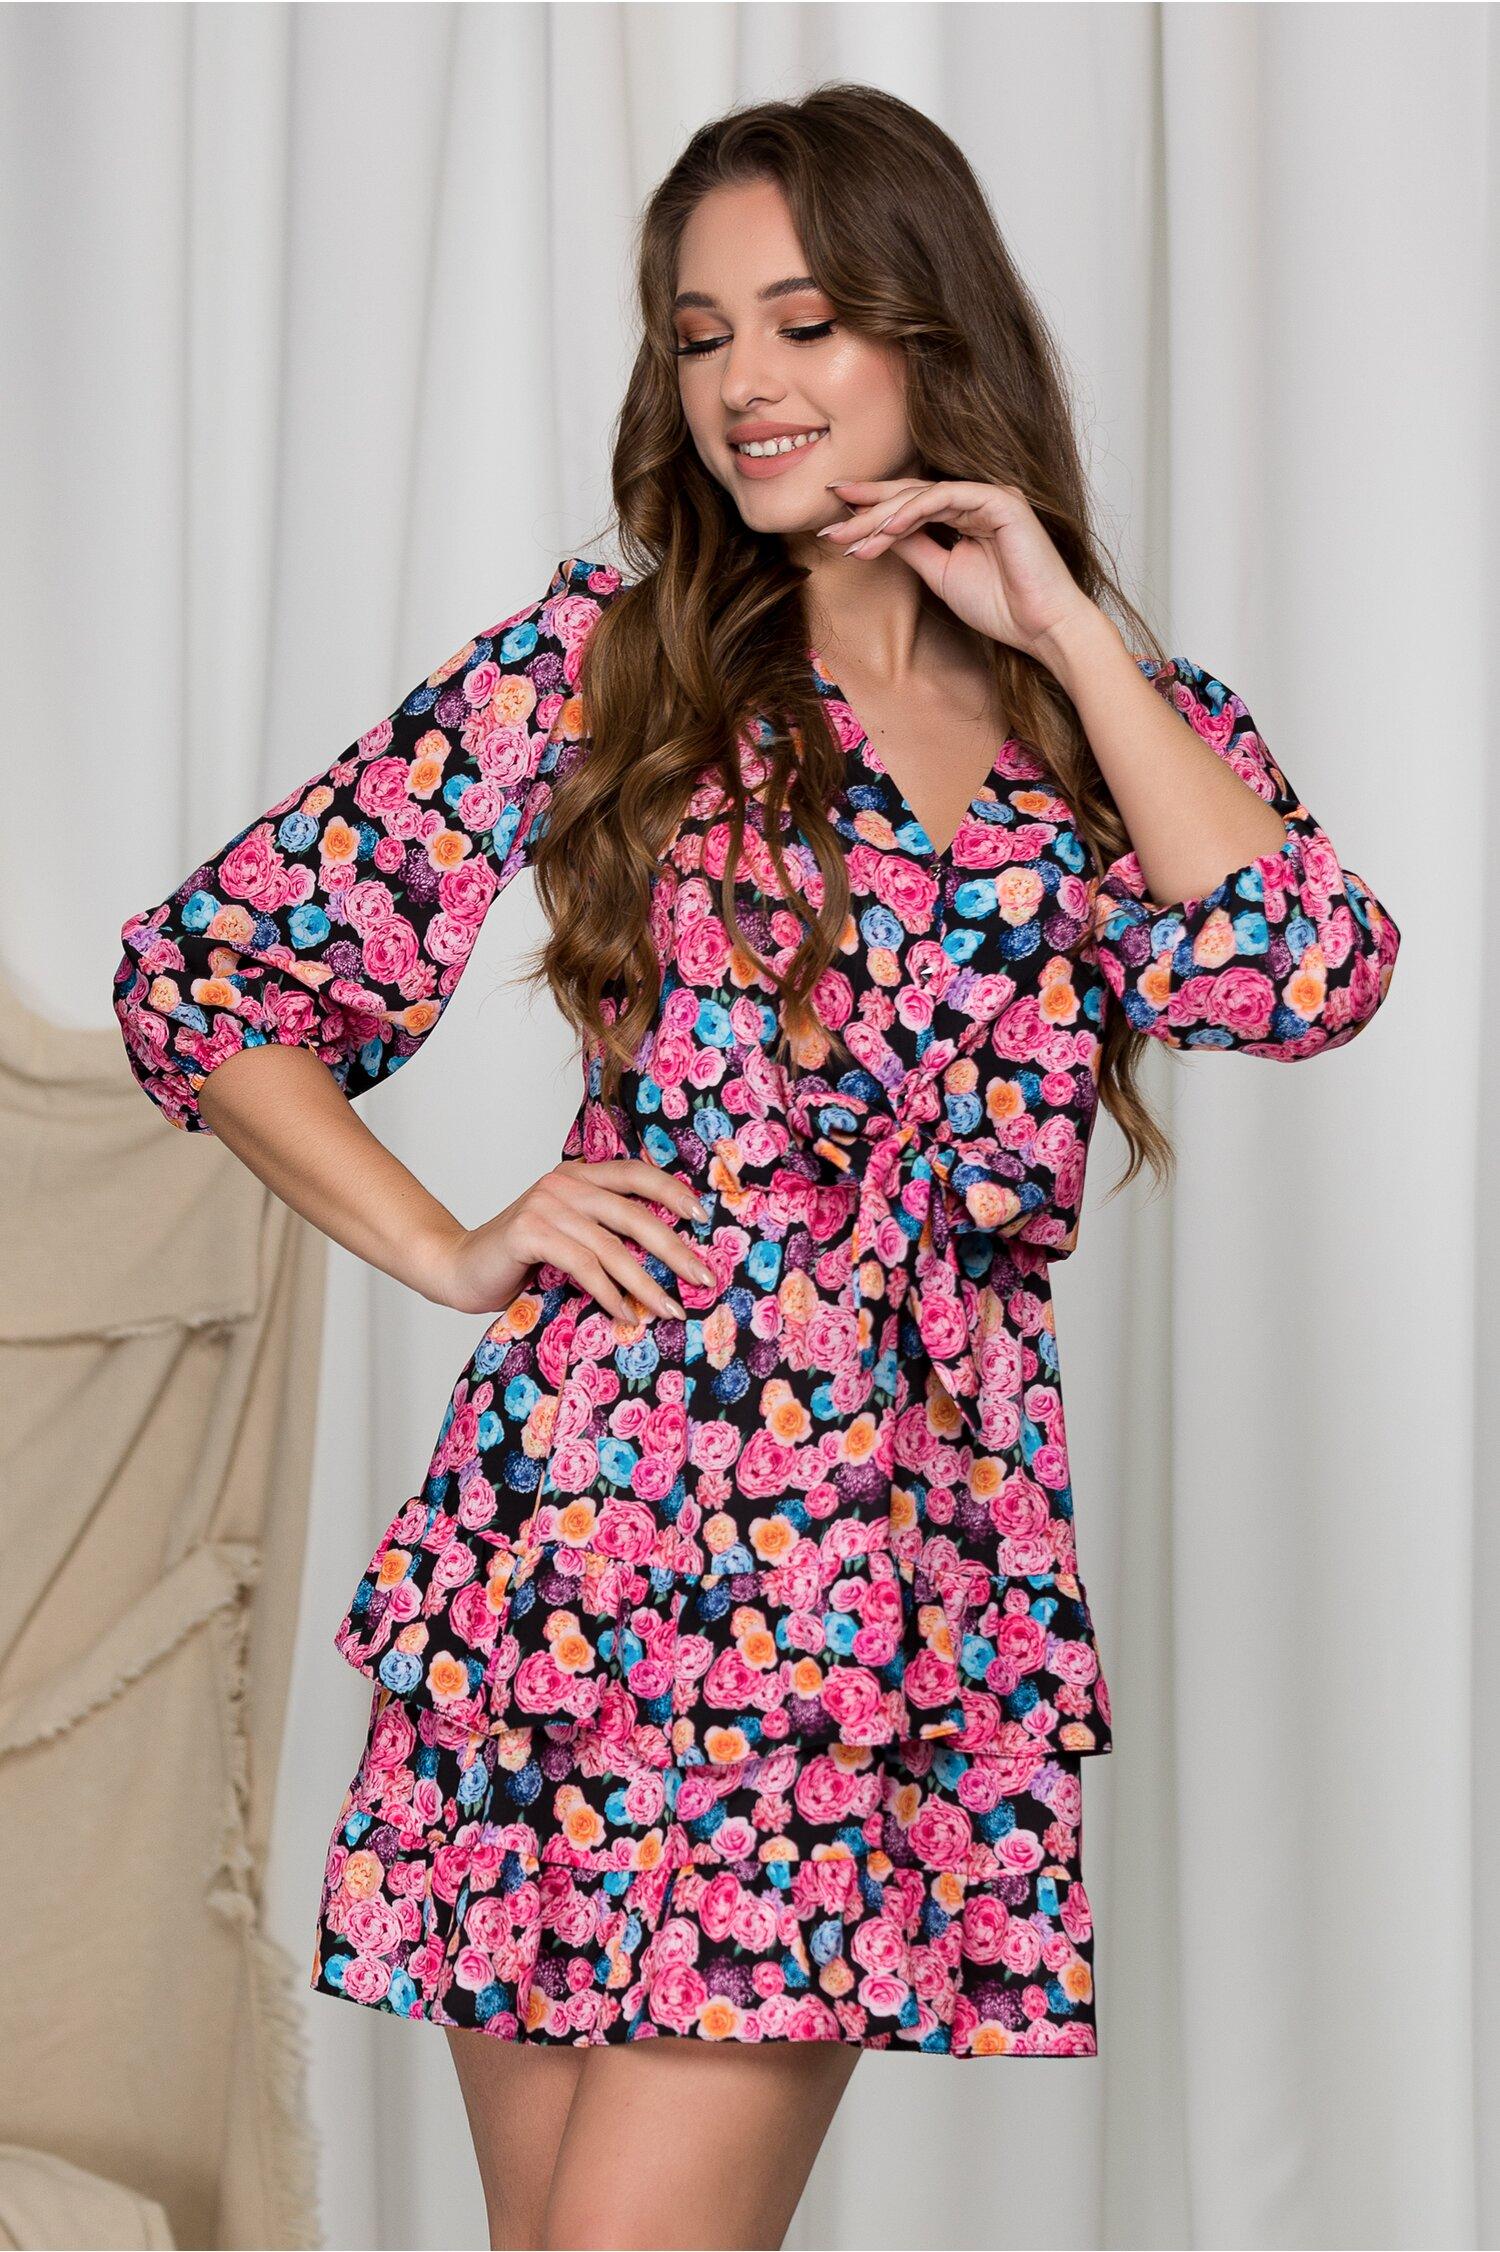 Rochie Lara neagra cu trandafiri colorati si volane pe fusta imagine dyfashion.ro 2021